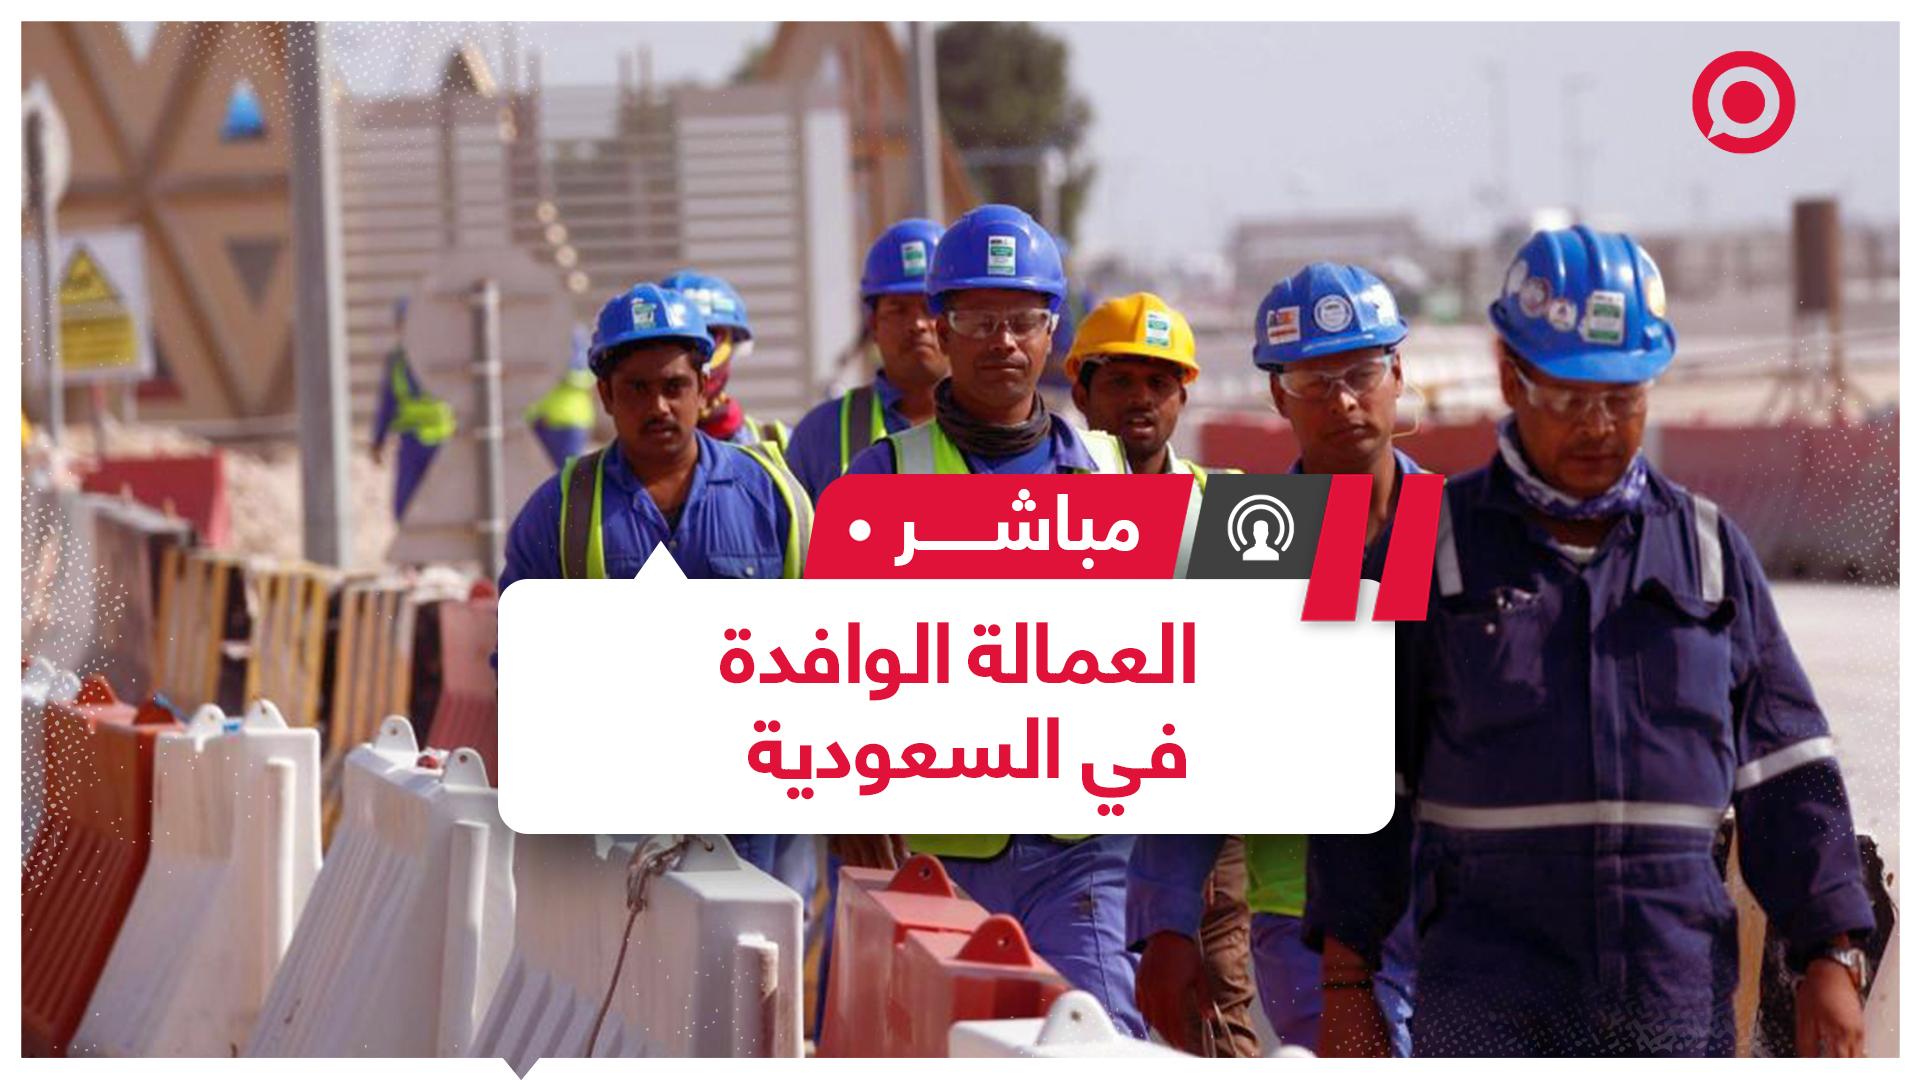 إلغاء نظام الكفيل في السعودية اعتبارا من 14 مارس.. ما أهم مزايا المبادرة؟